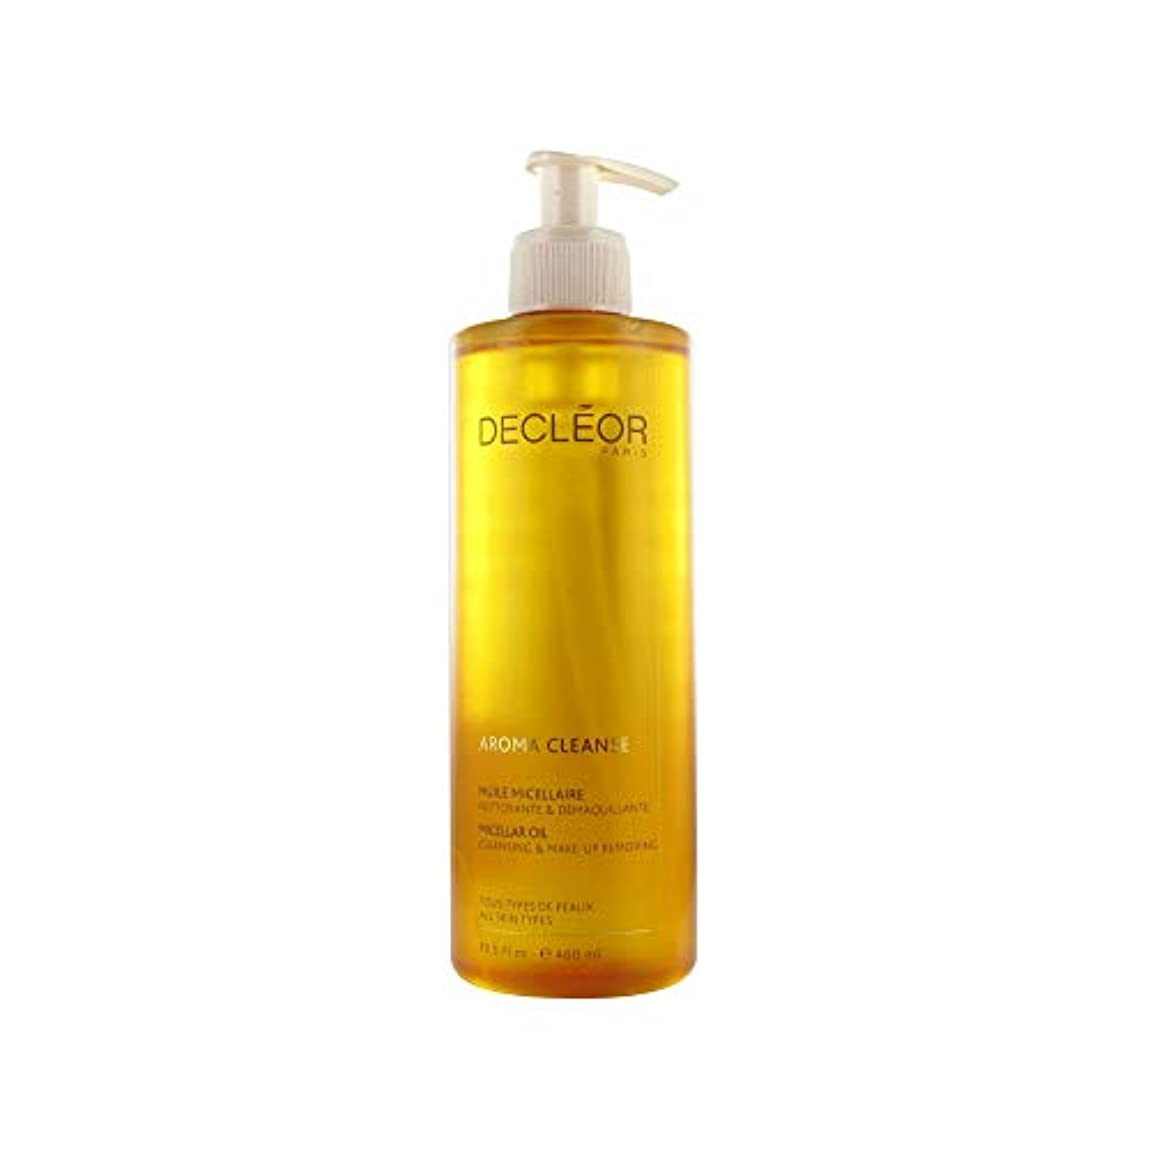 思いつく同化デクレオール Aroma Cleanse Micellar Oil (Salon Size) 400ml/13.5oz並行輸入品